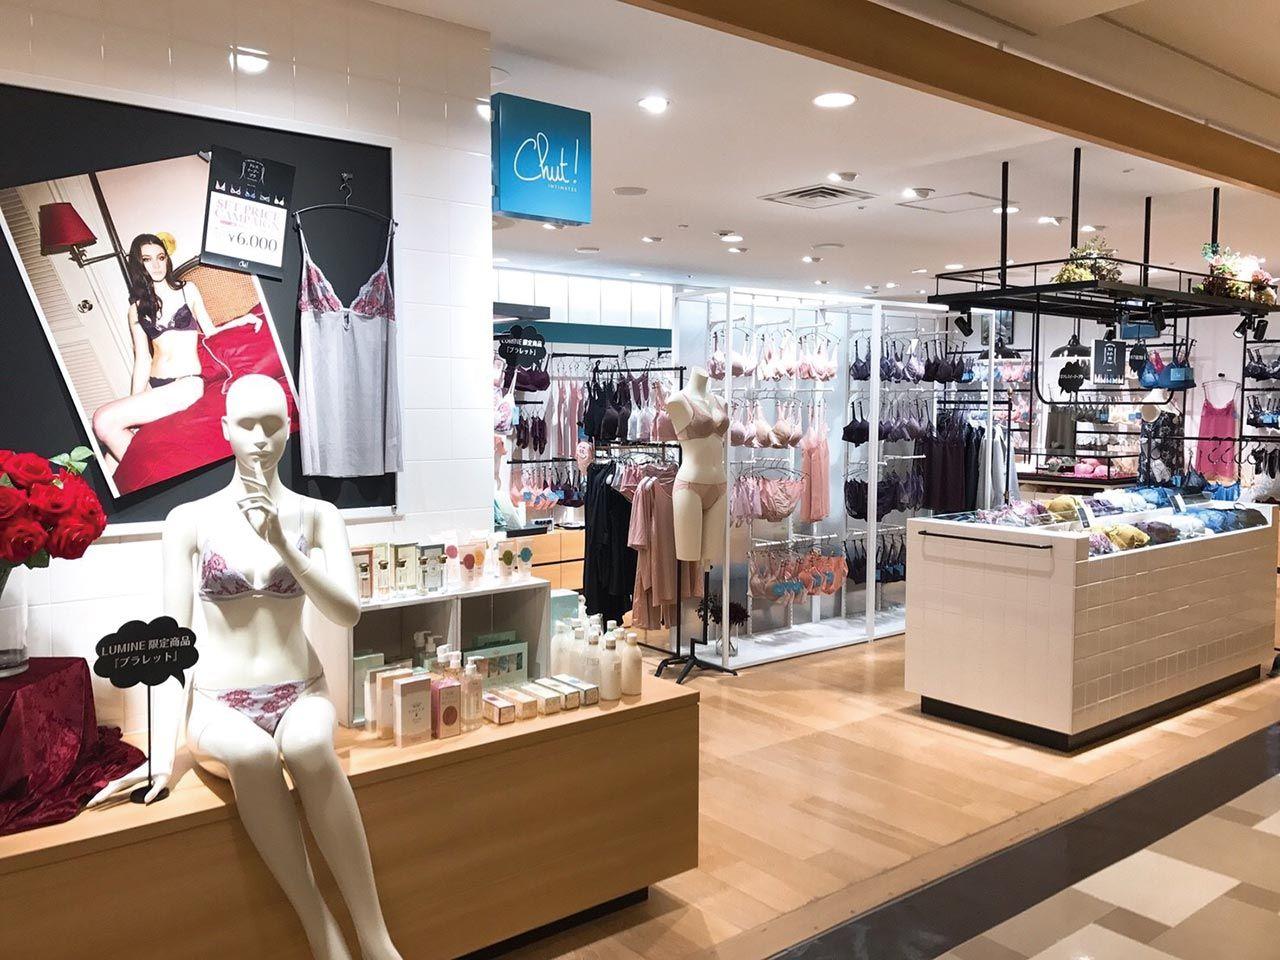 ルミネ新宿店の写真